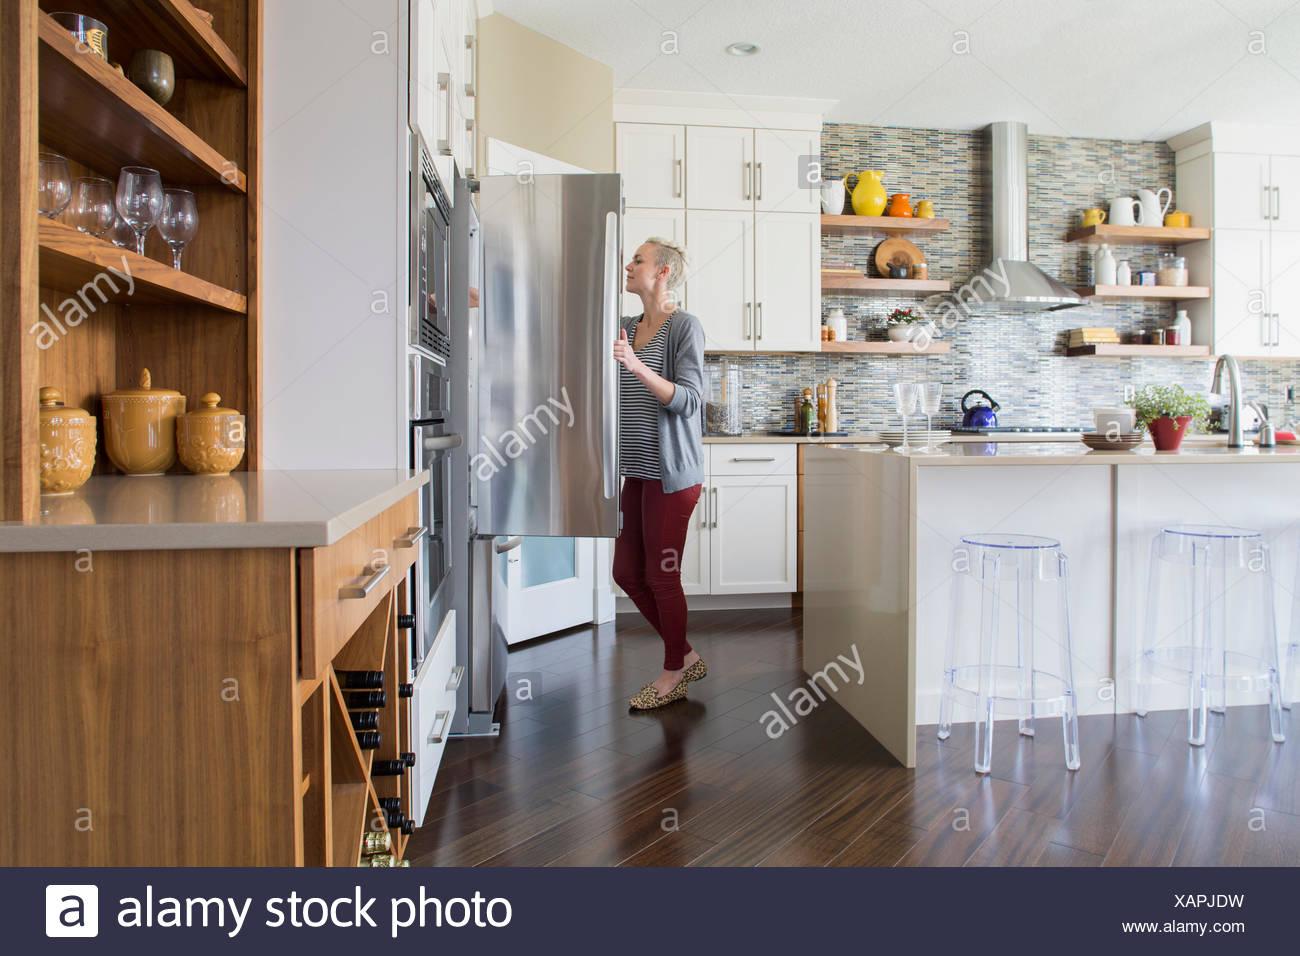 Woman opening refrigerator door in kitchen - Stock Image